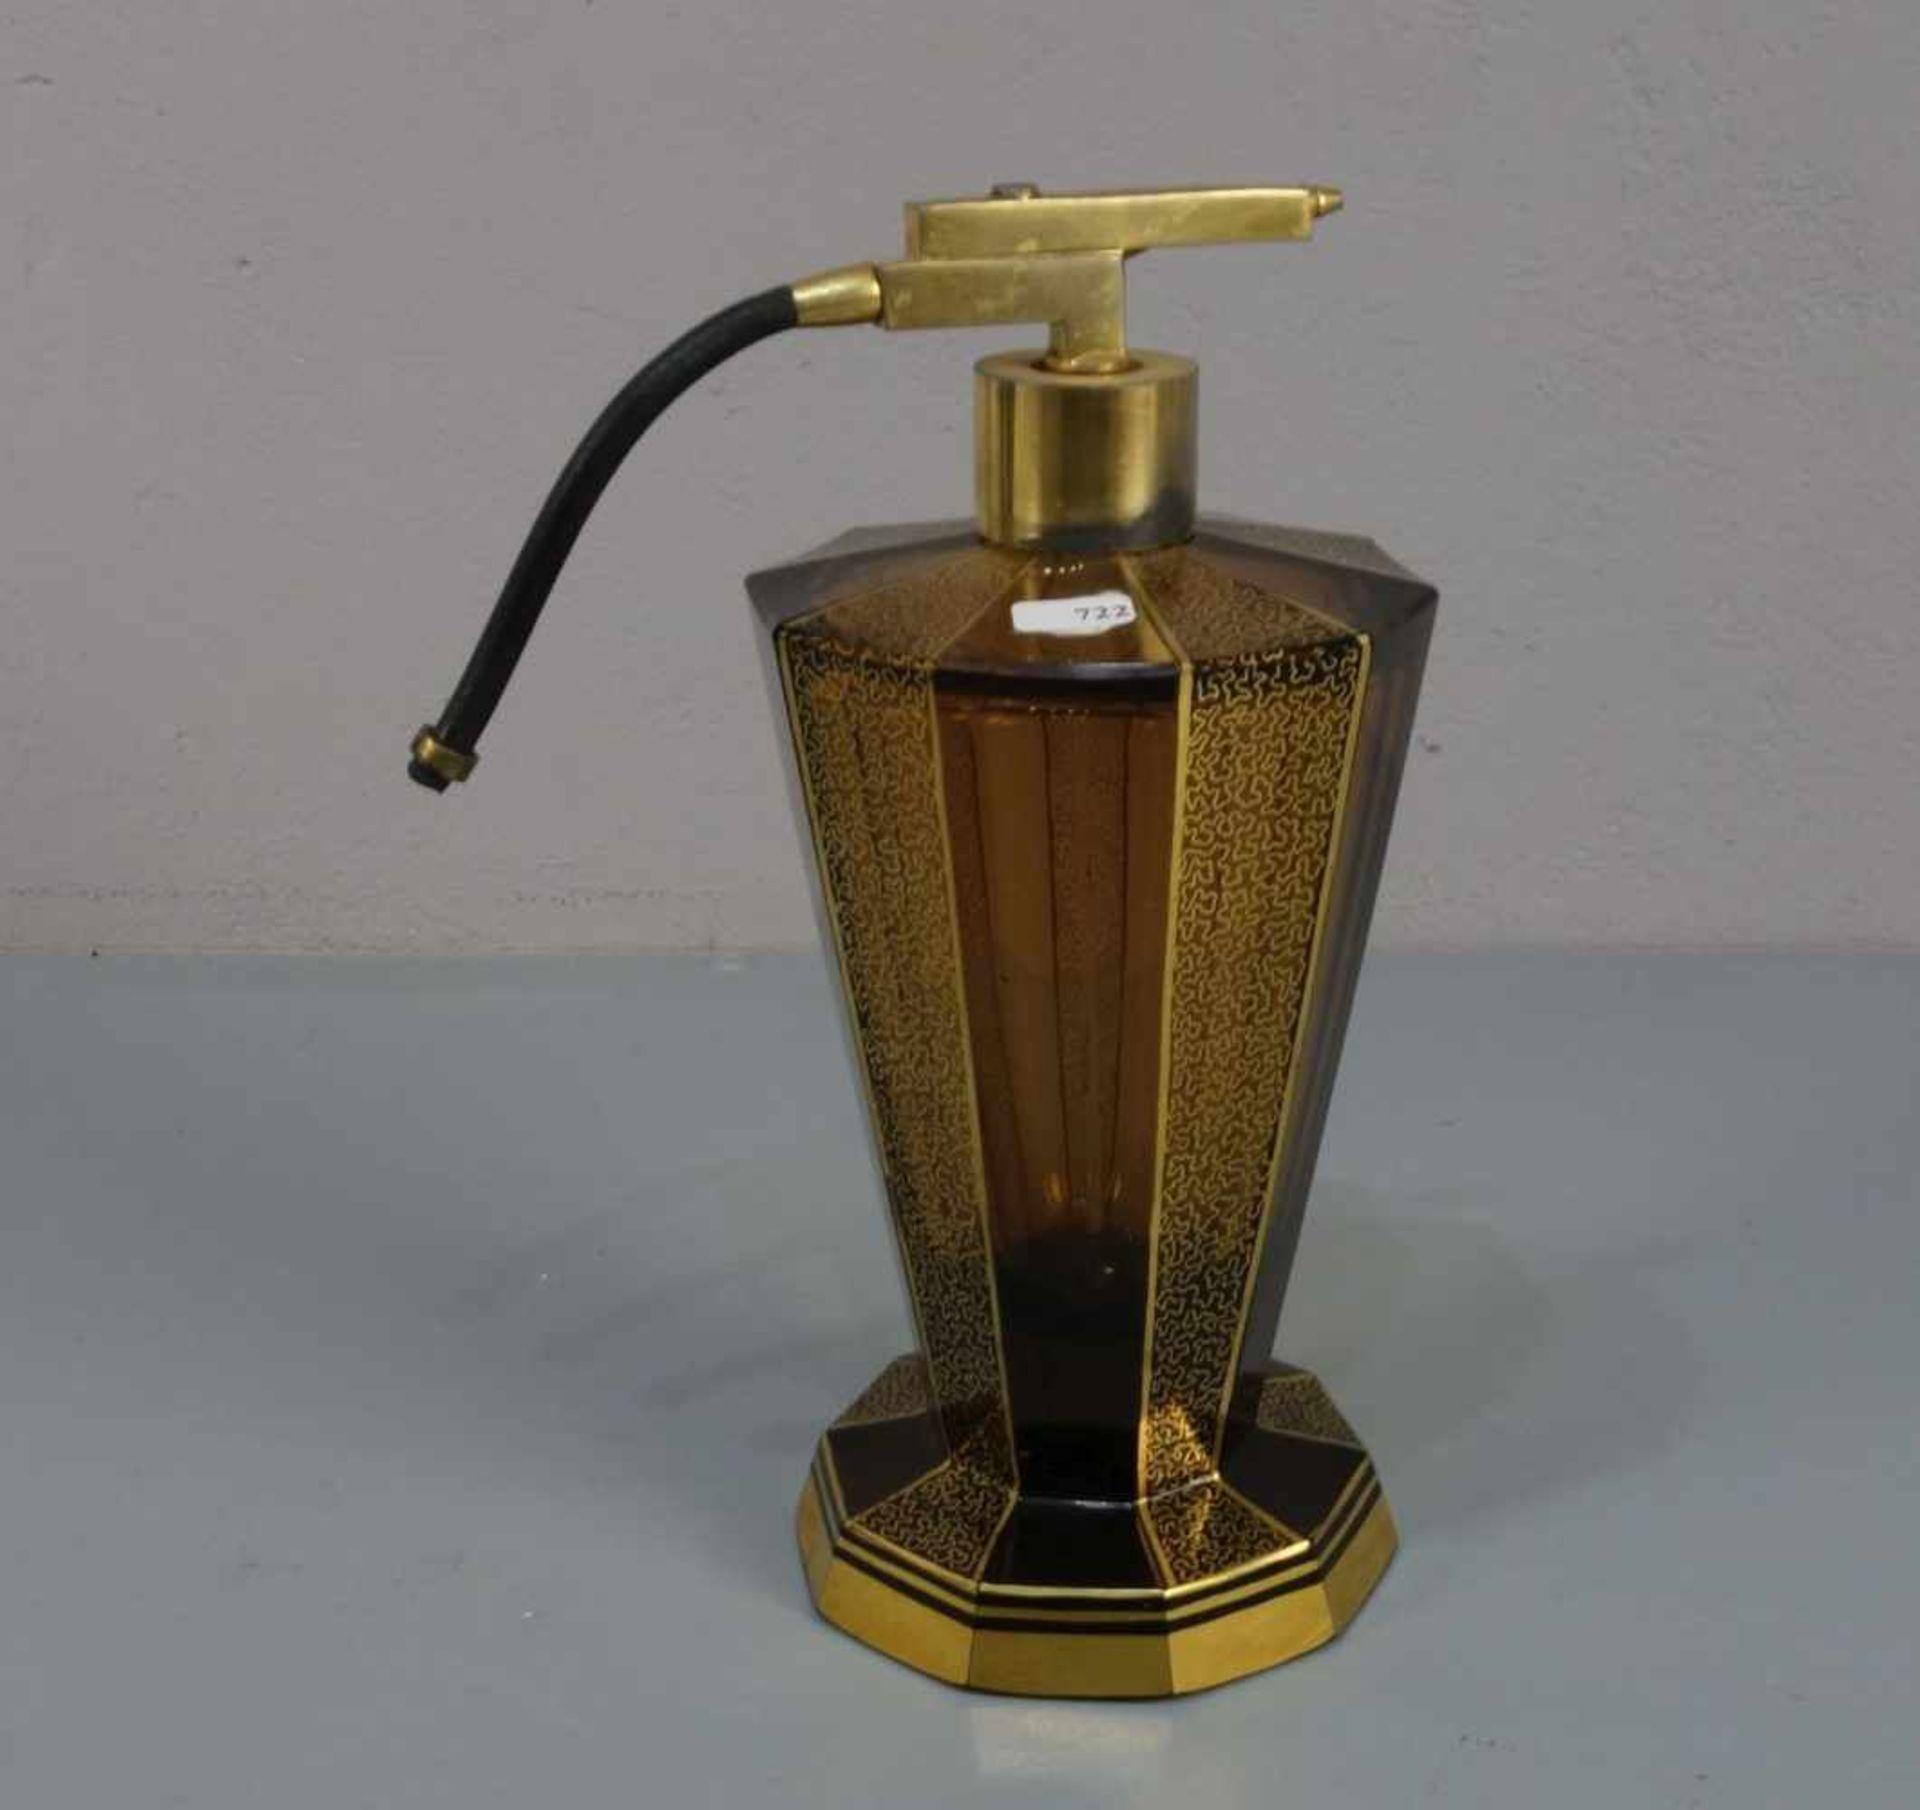 ART DÉCO - FLAKON mit Zerstäuber / flacon, bernsteinfarbenes Glas, wohl Haida, Böhmen, 1930er Jahre.